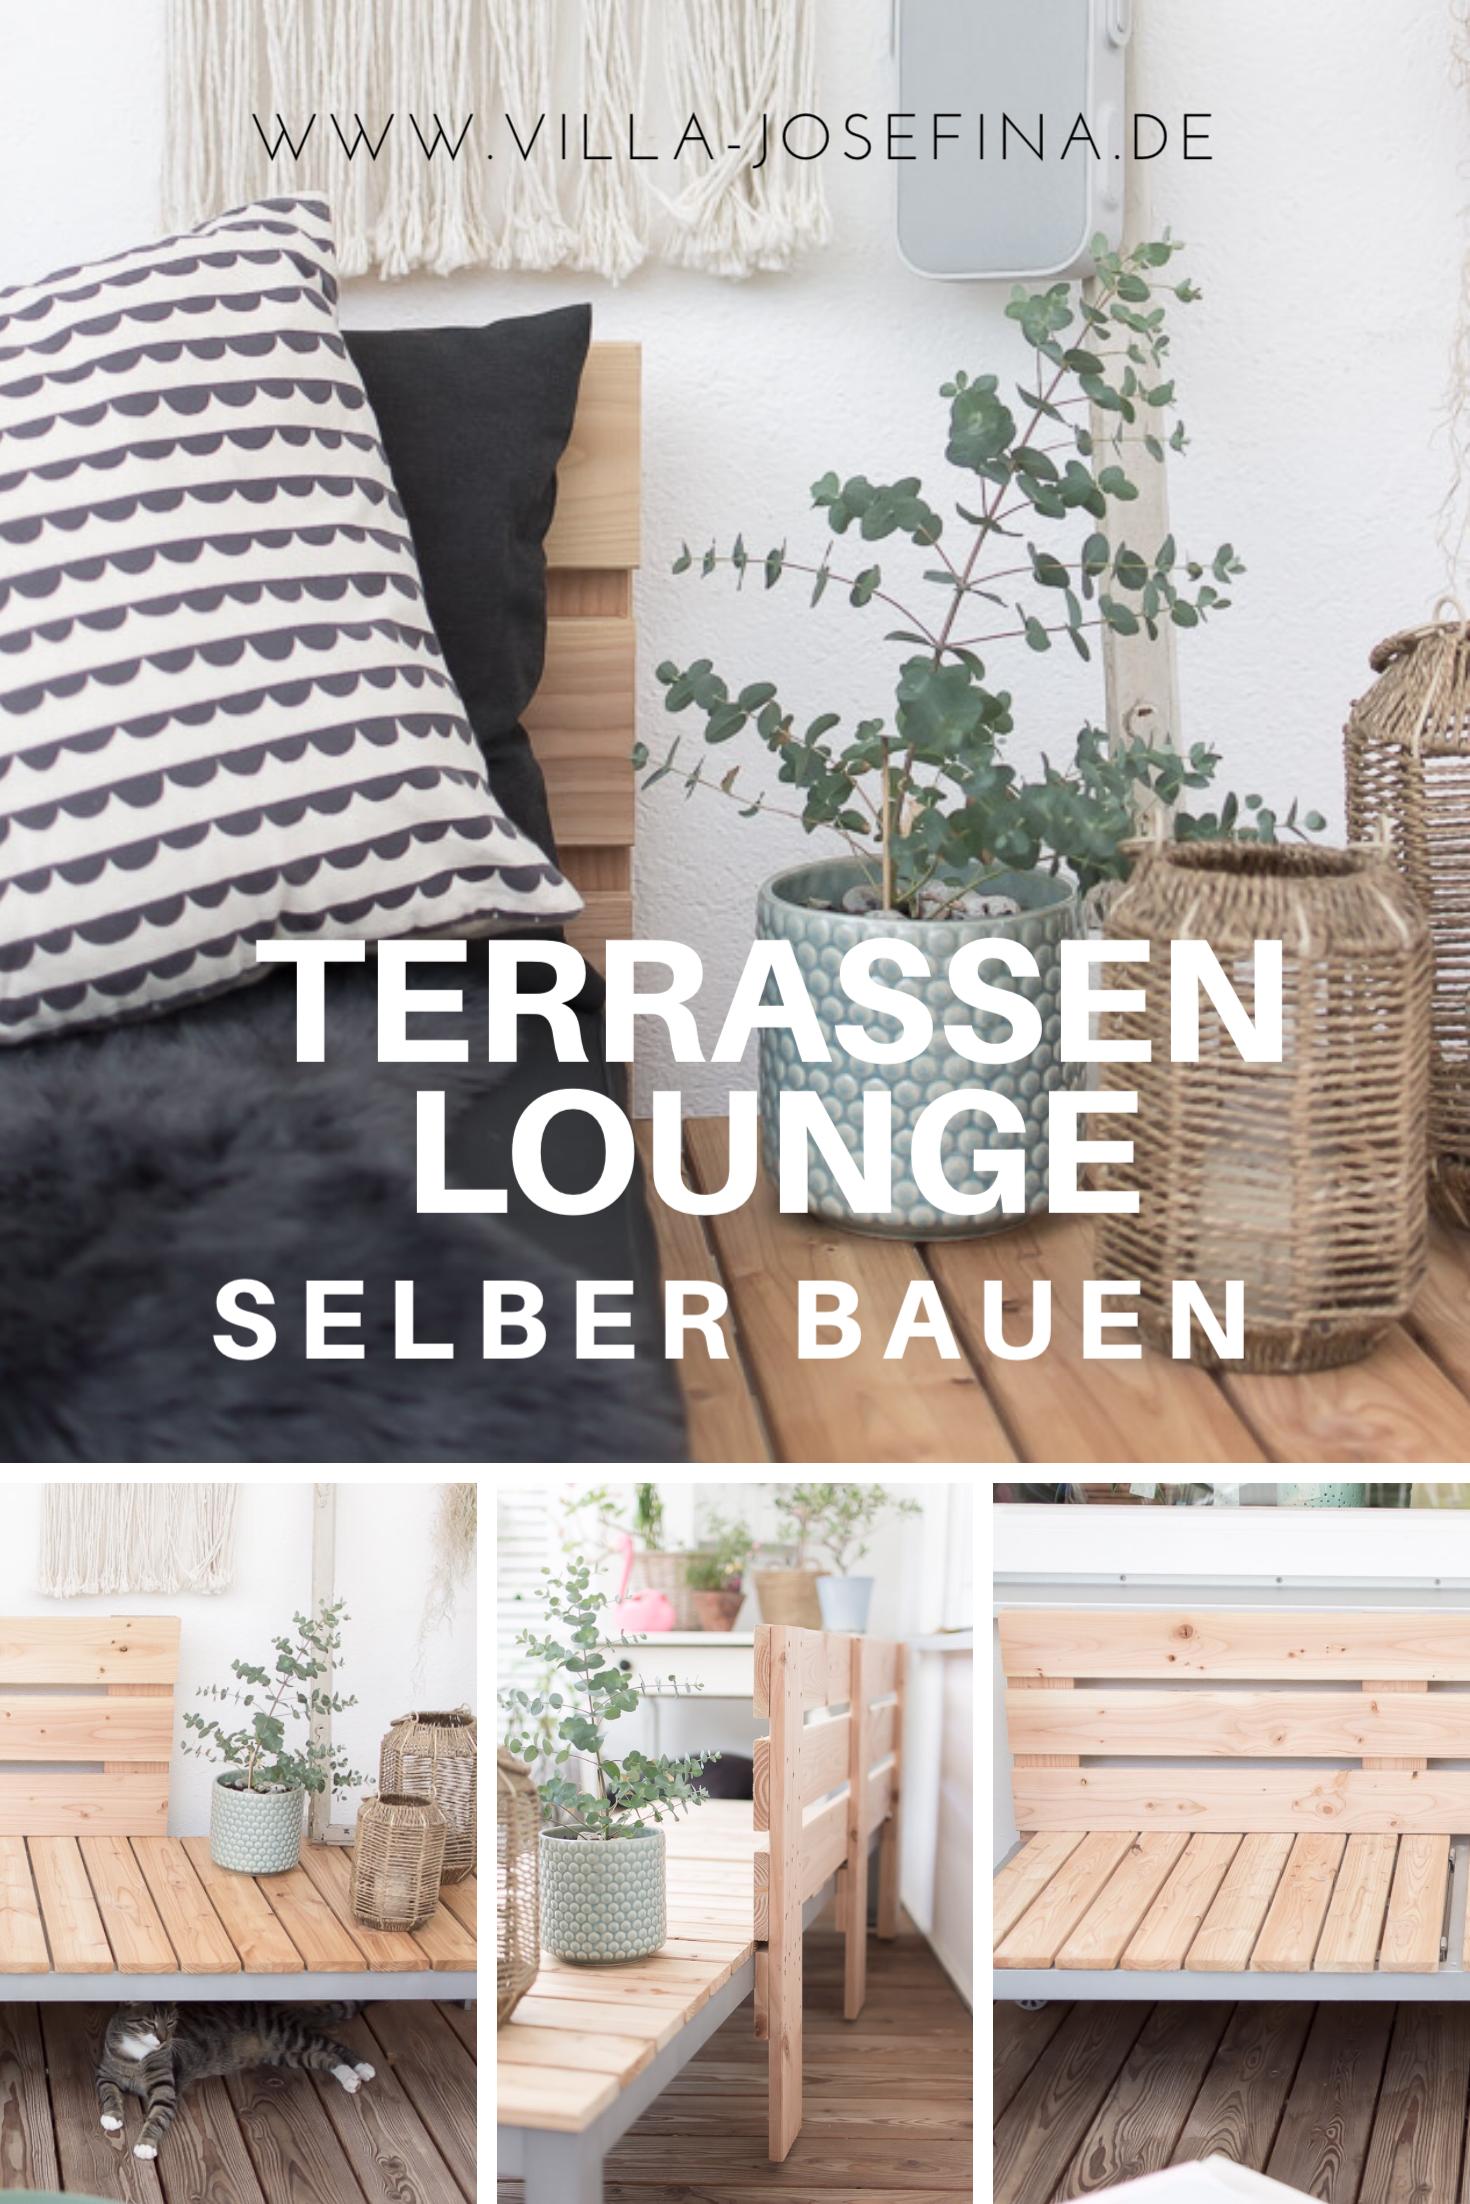 Terrassen lounge selber bauen wohnen pinterest for Terrassen lounge